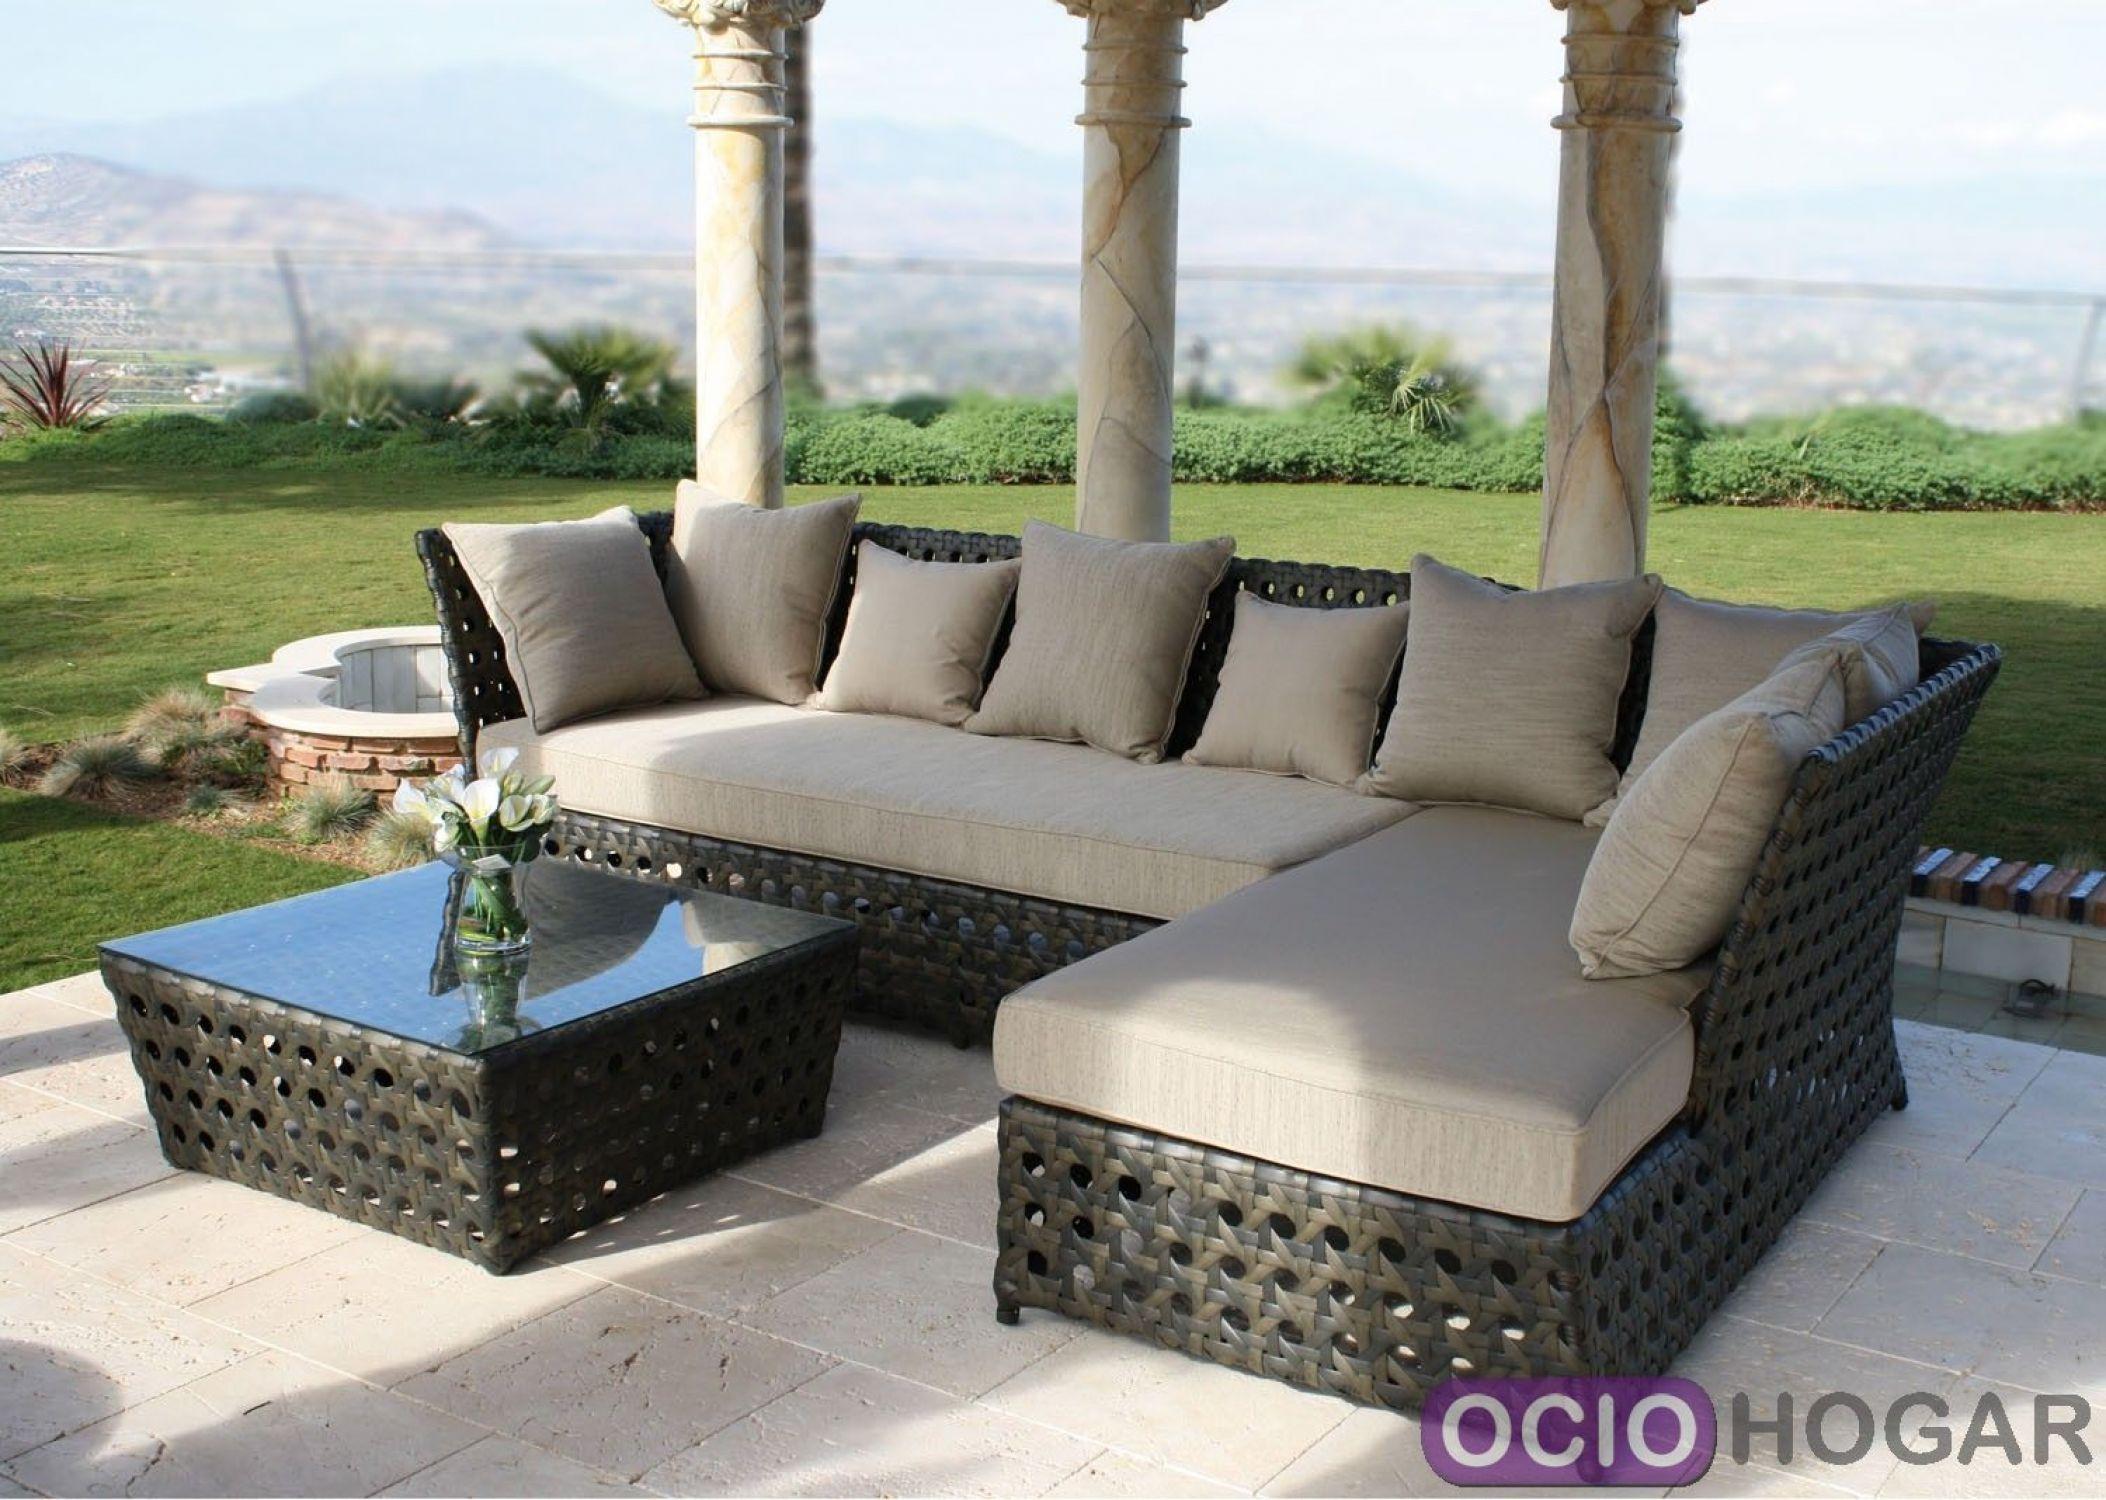 muebles de exterior - Blog OcioHogar - photo#46